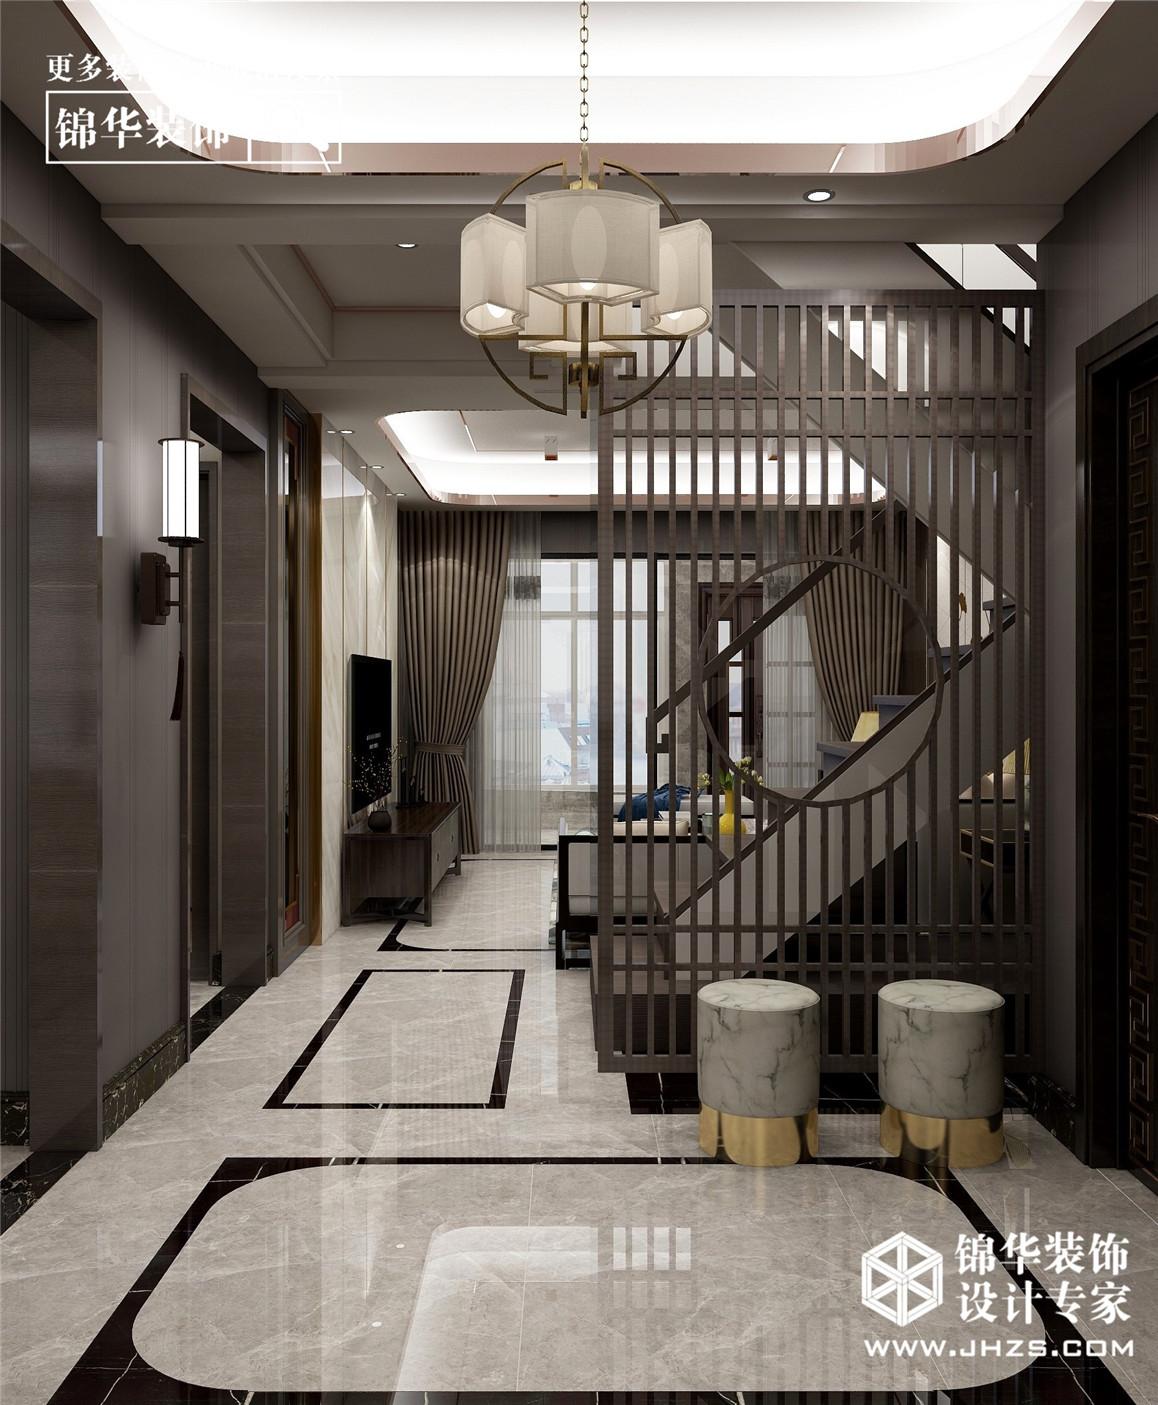 新中式-中南世纪城玺园-270㎡-别墅装修-别墅-新中式